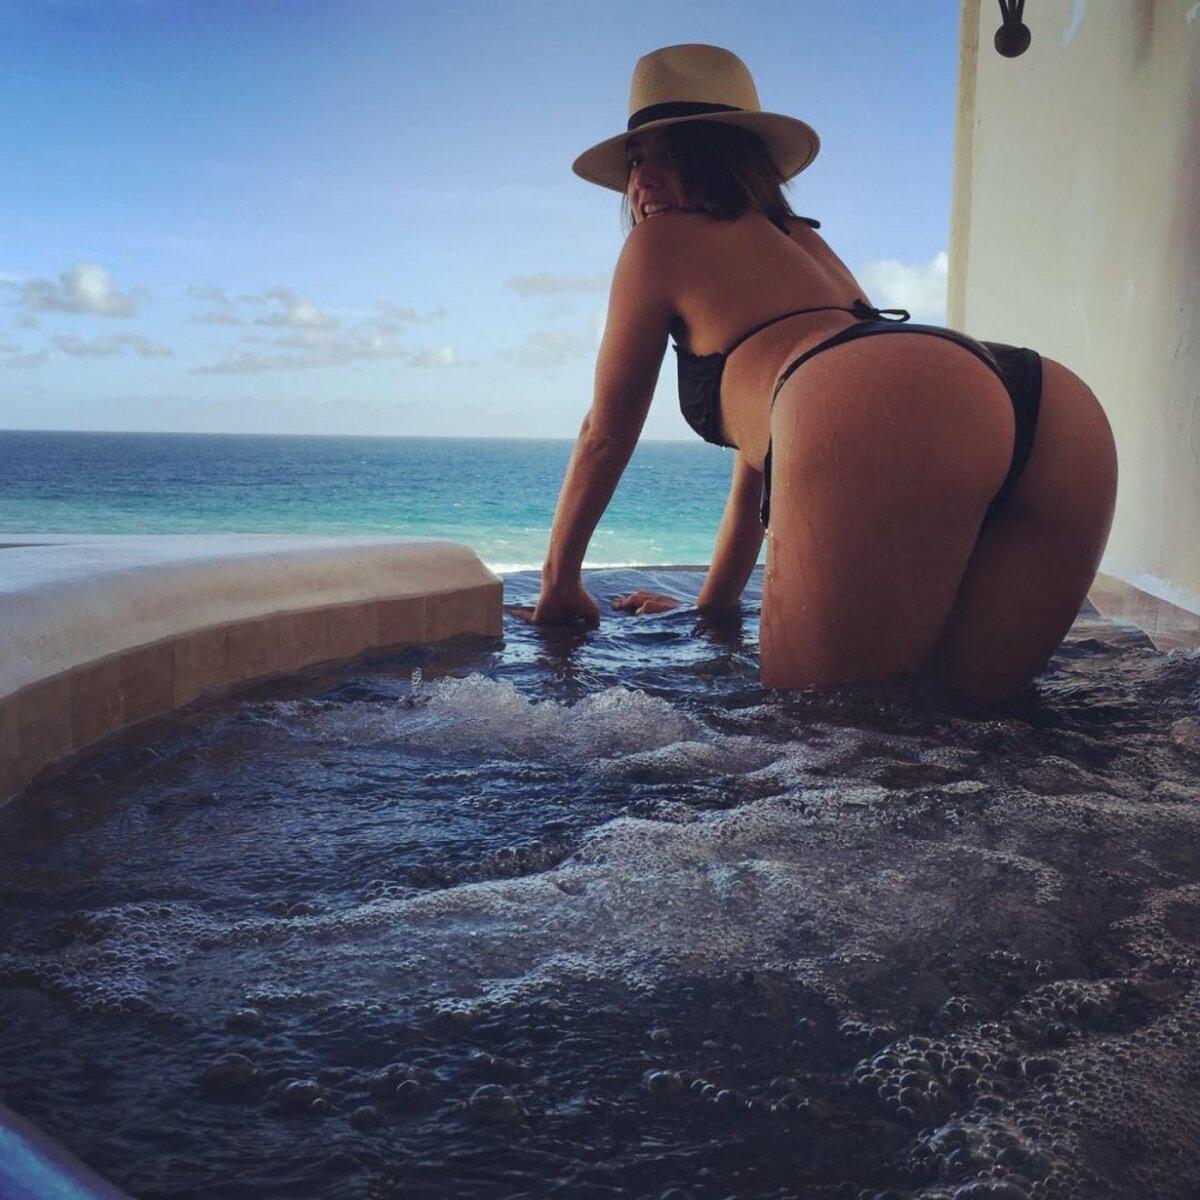 Fine rich girls ass